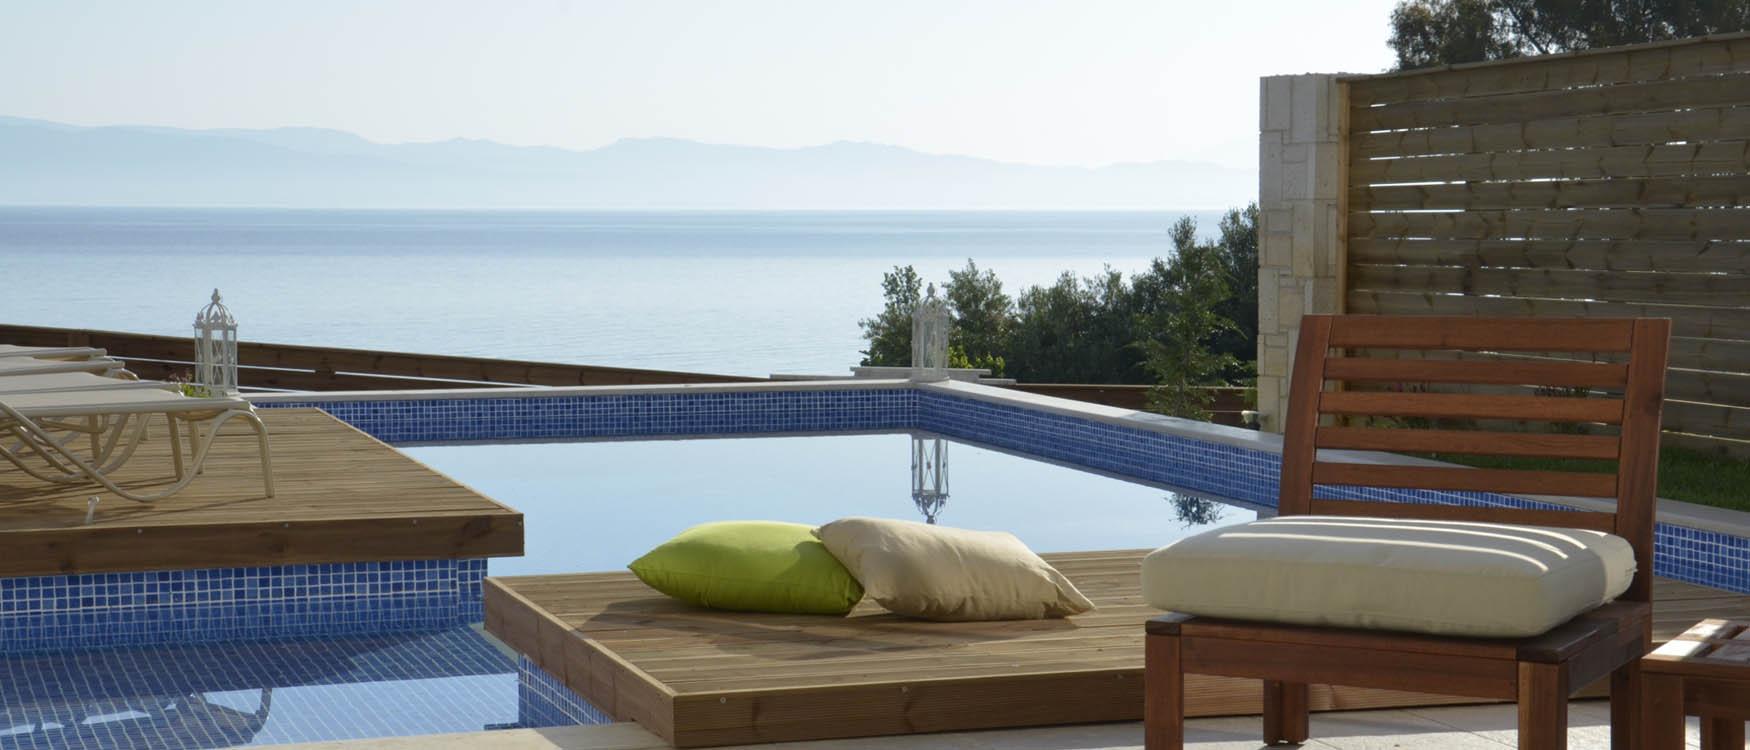 betaalbare prijs in de uitverkoop welbekend Kappa Resort - Filos Holidays & Travel